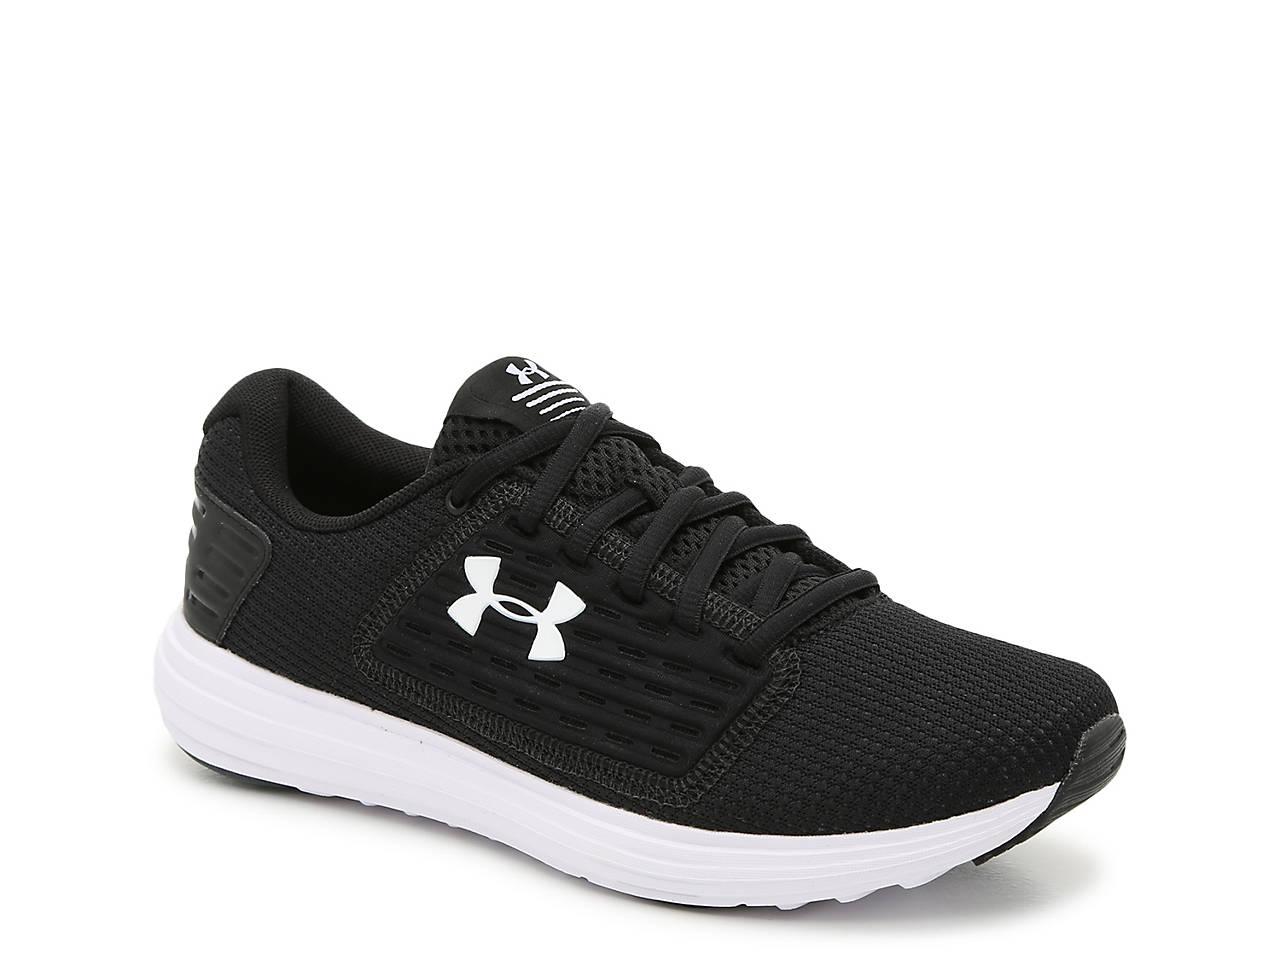 c77a29a372 Surge SE Running Shoe - Women's